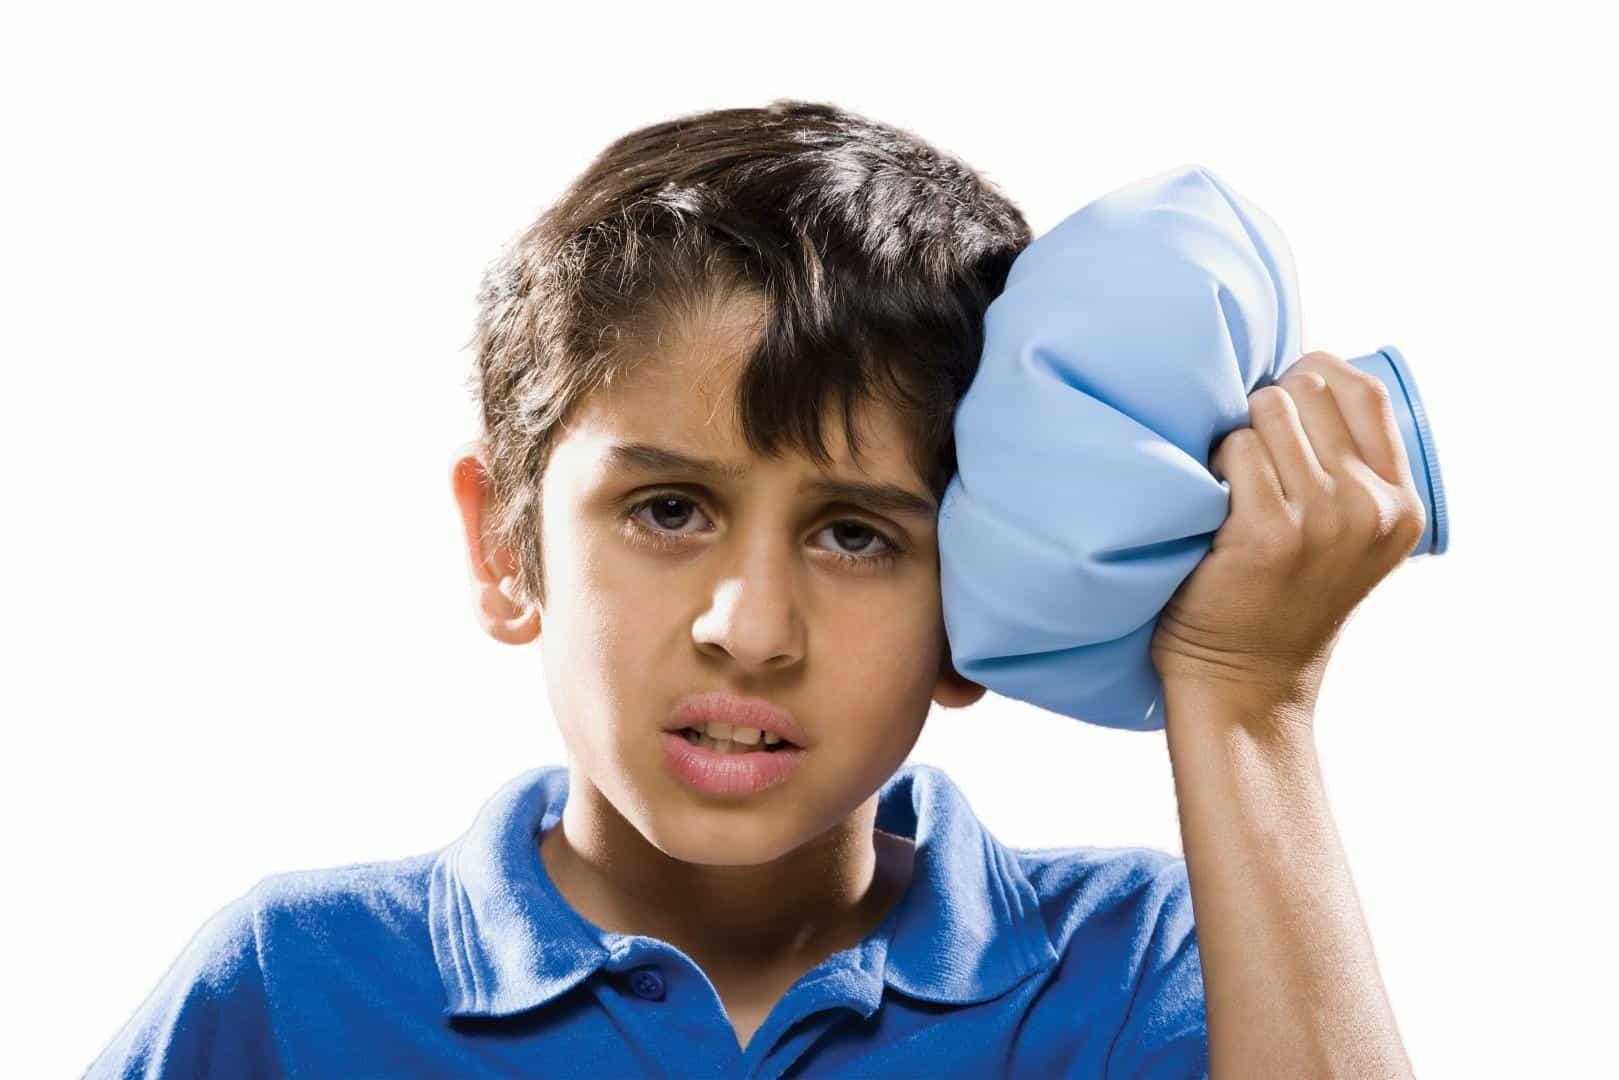 علایم سردرد شیرخواران، نوپایان و کودکان